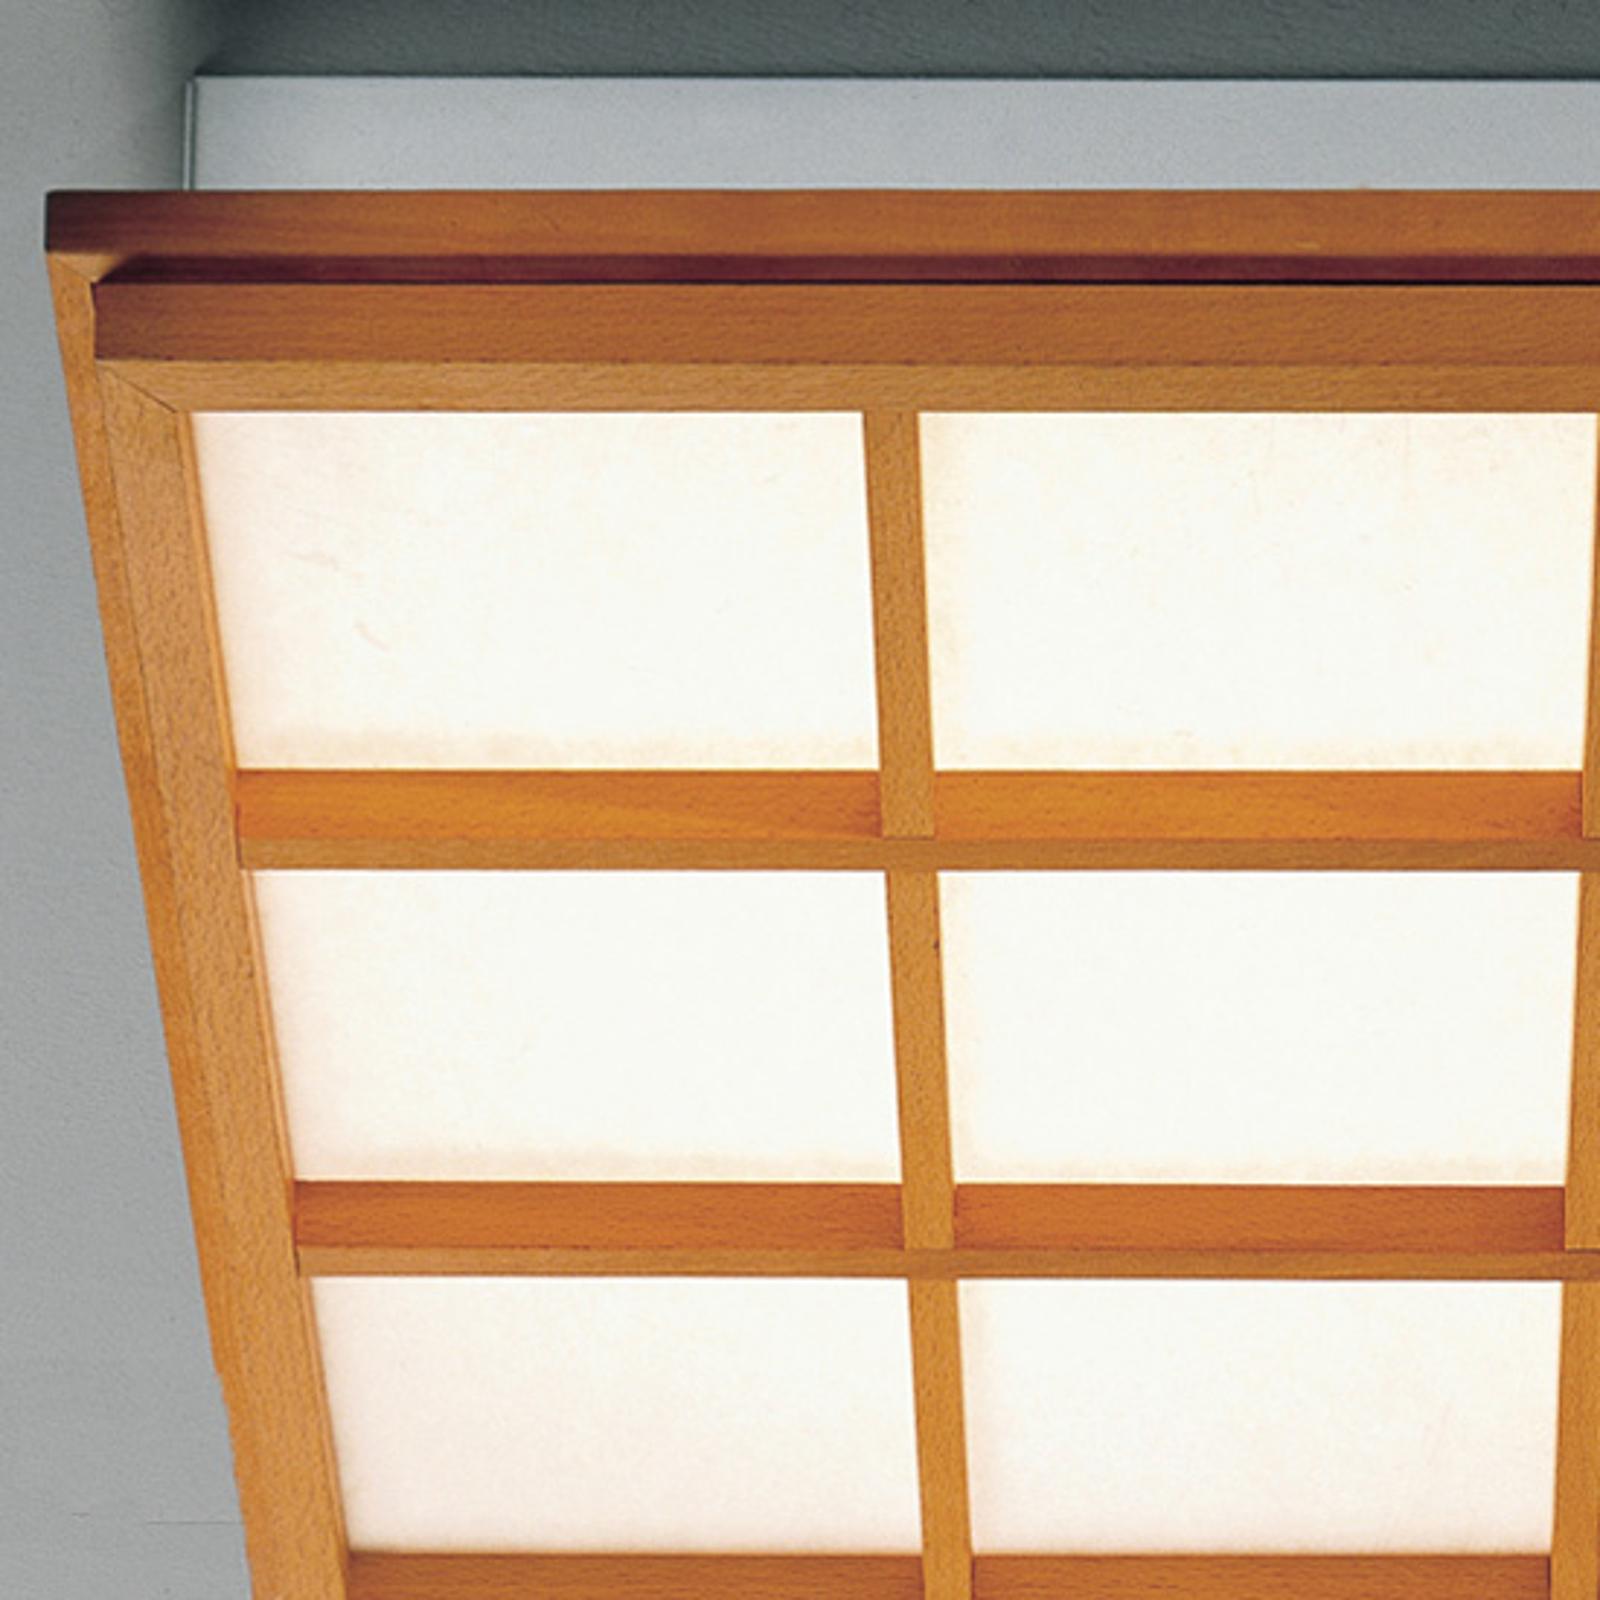 Pyökkipuinen kattolamppu Kioto9 led-lampulla